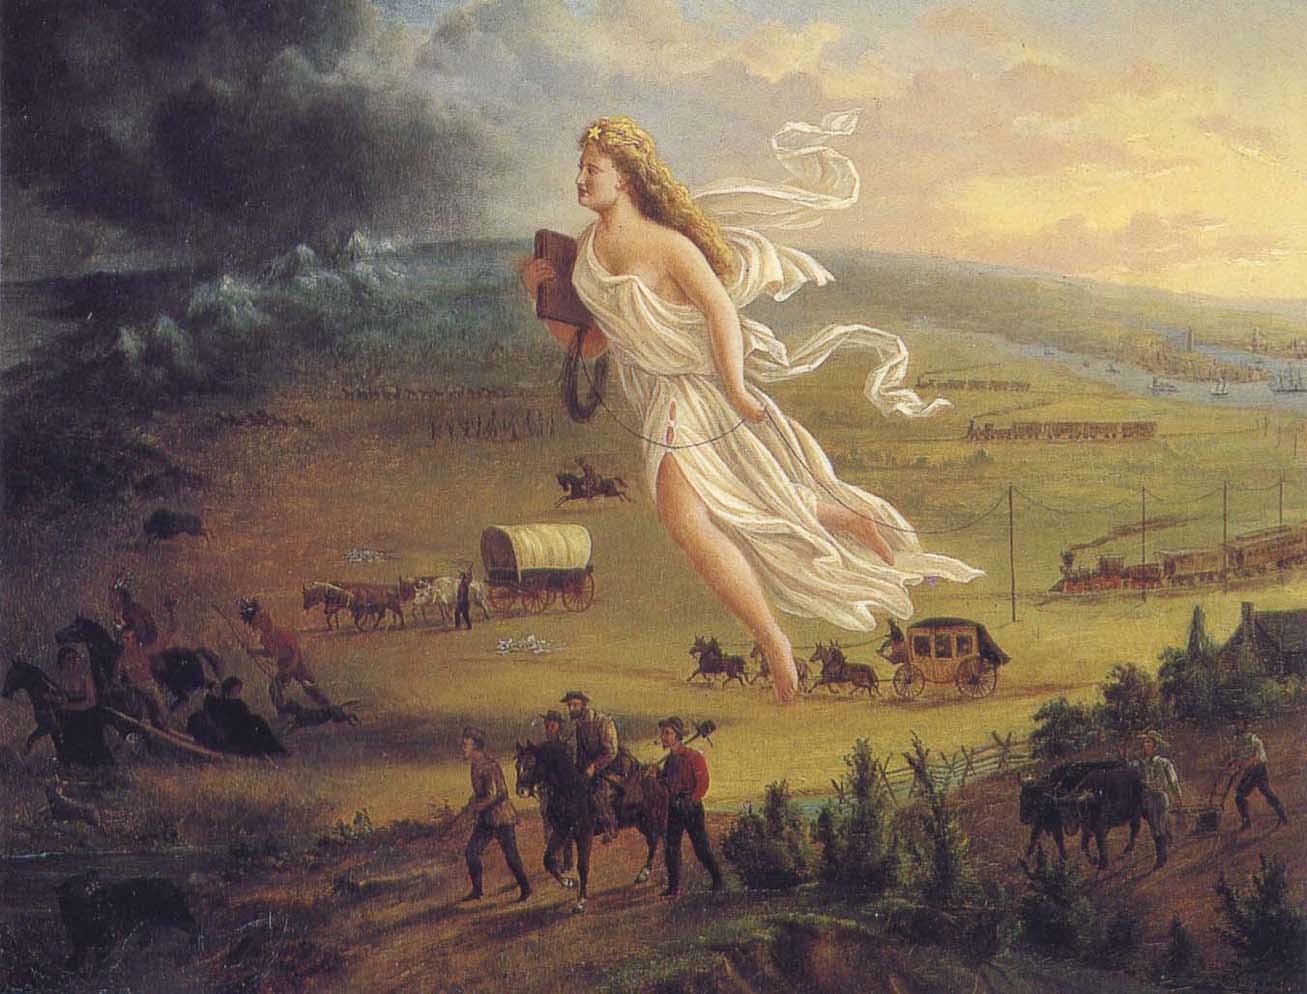 Spirit of the Frontier